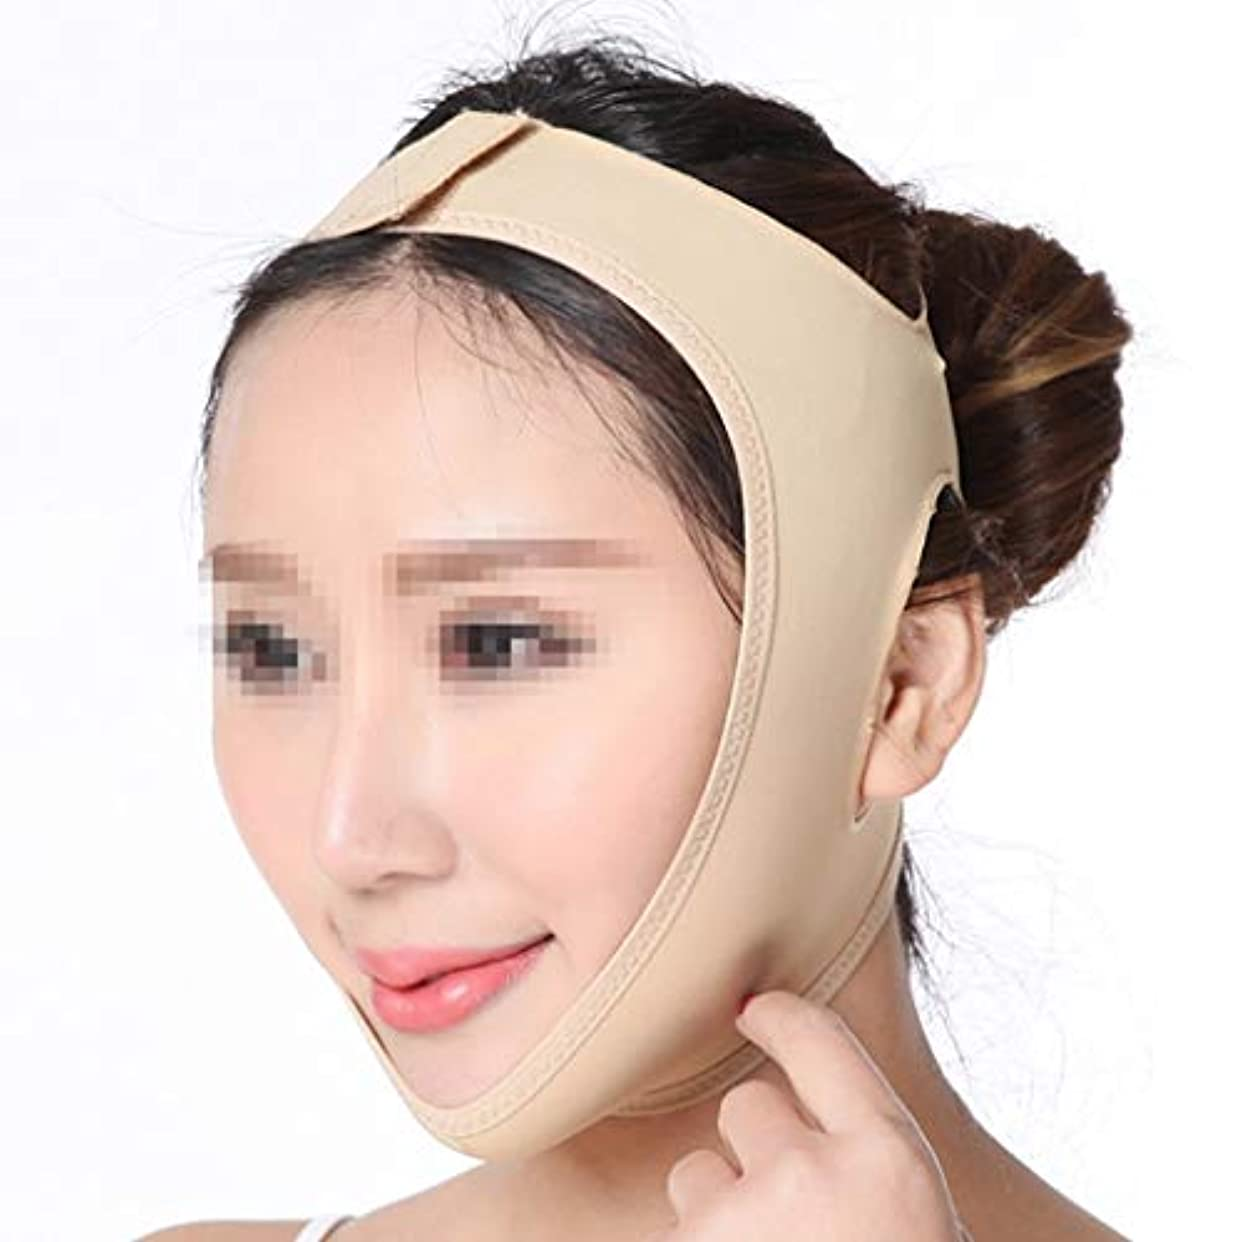 メディック抑圧エンディングフェイスリフティング包帯、Vフェイス薄型フェイスマスクフェイスリフティング包帯リフティングVフェイスマスク (Size : M)